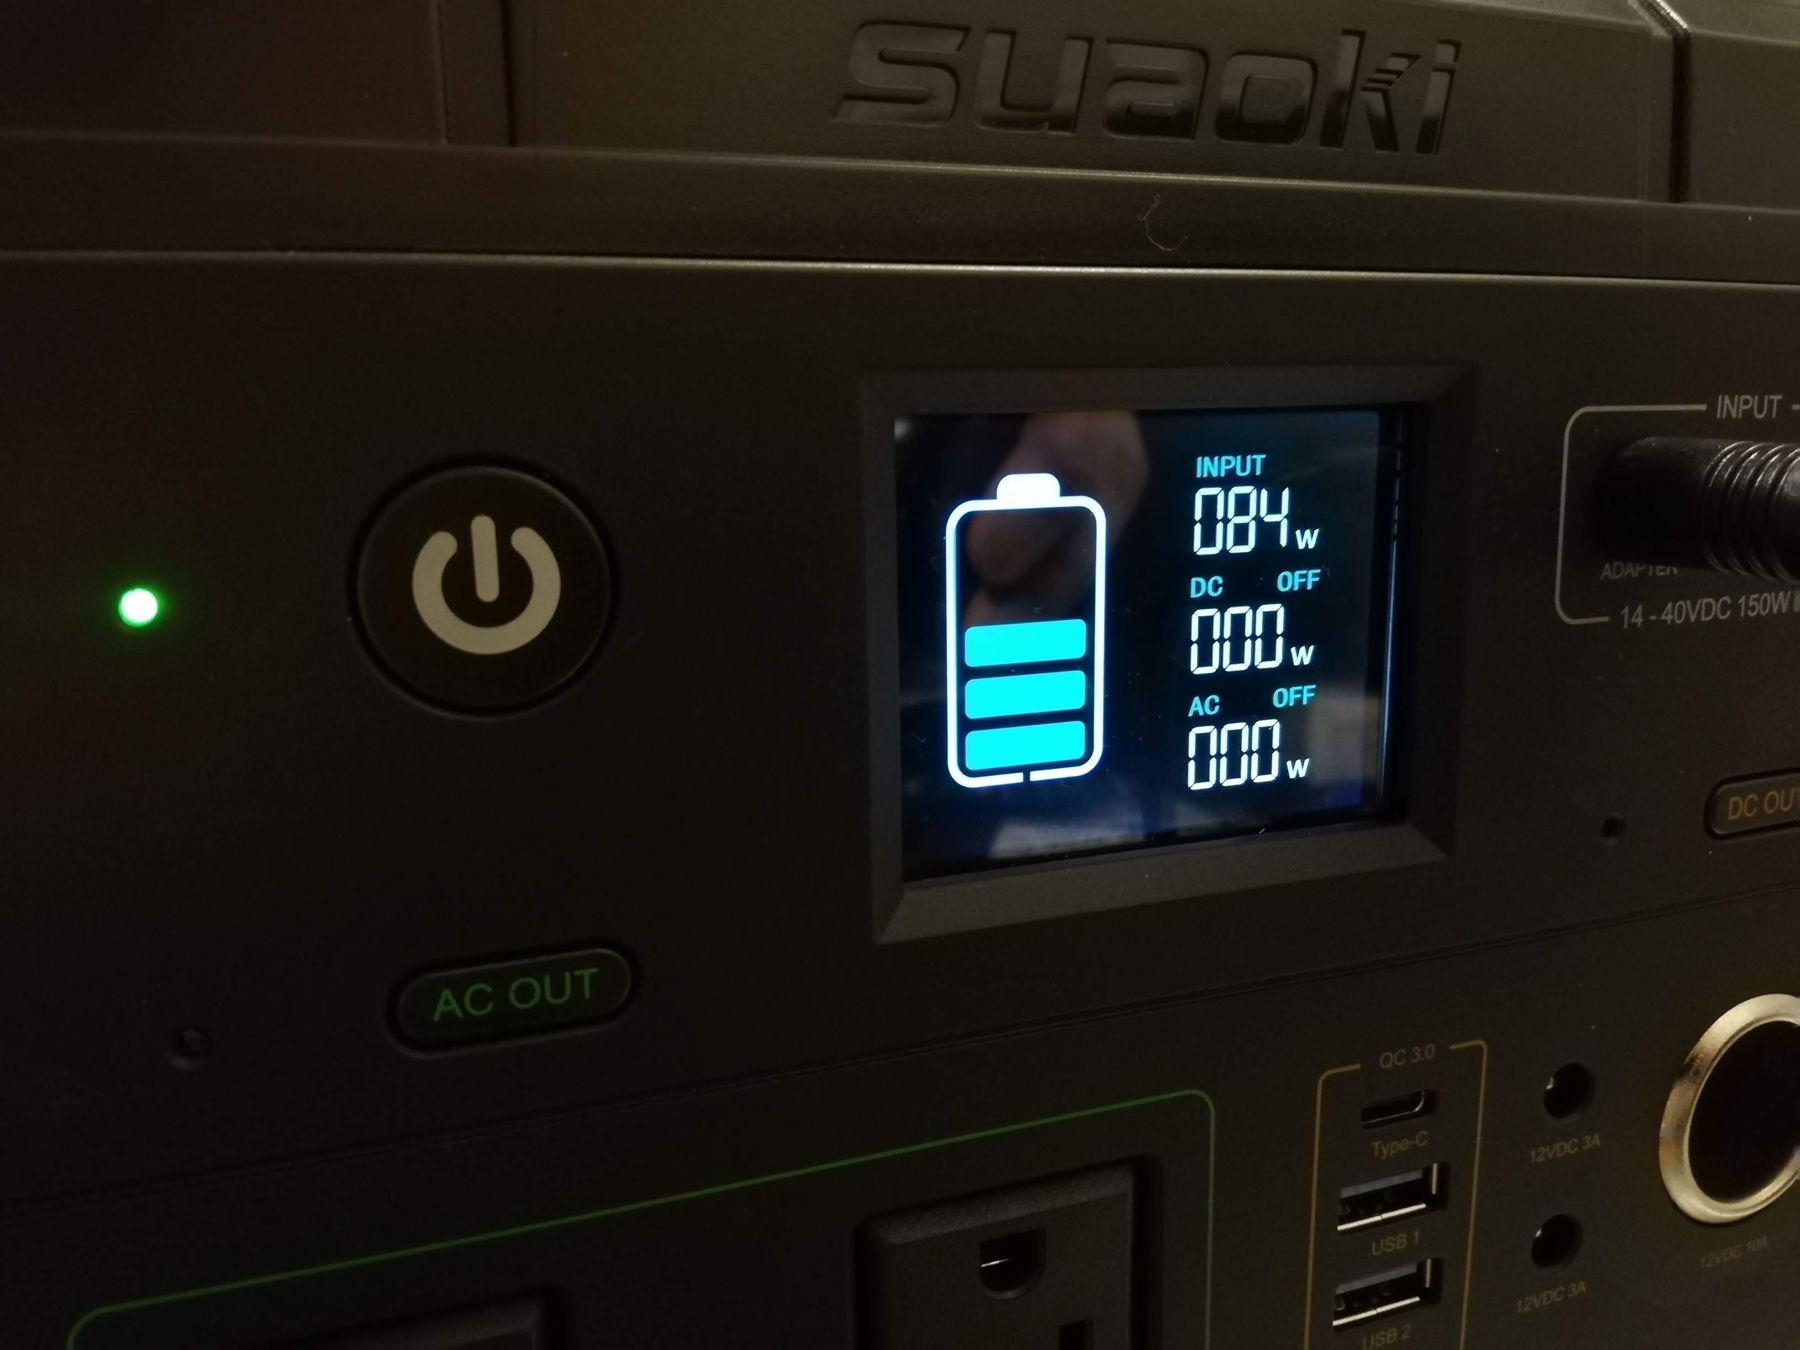 SUAOKI-G500